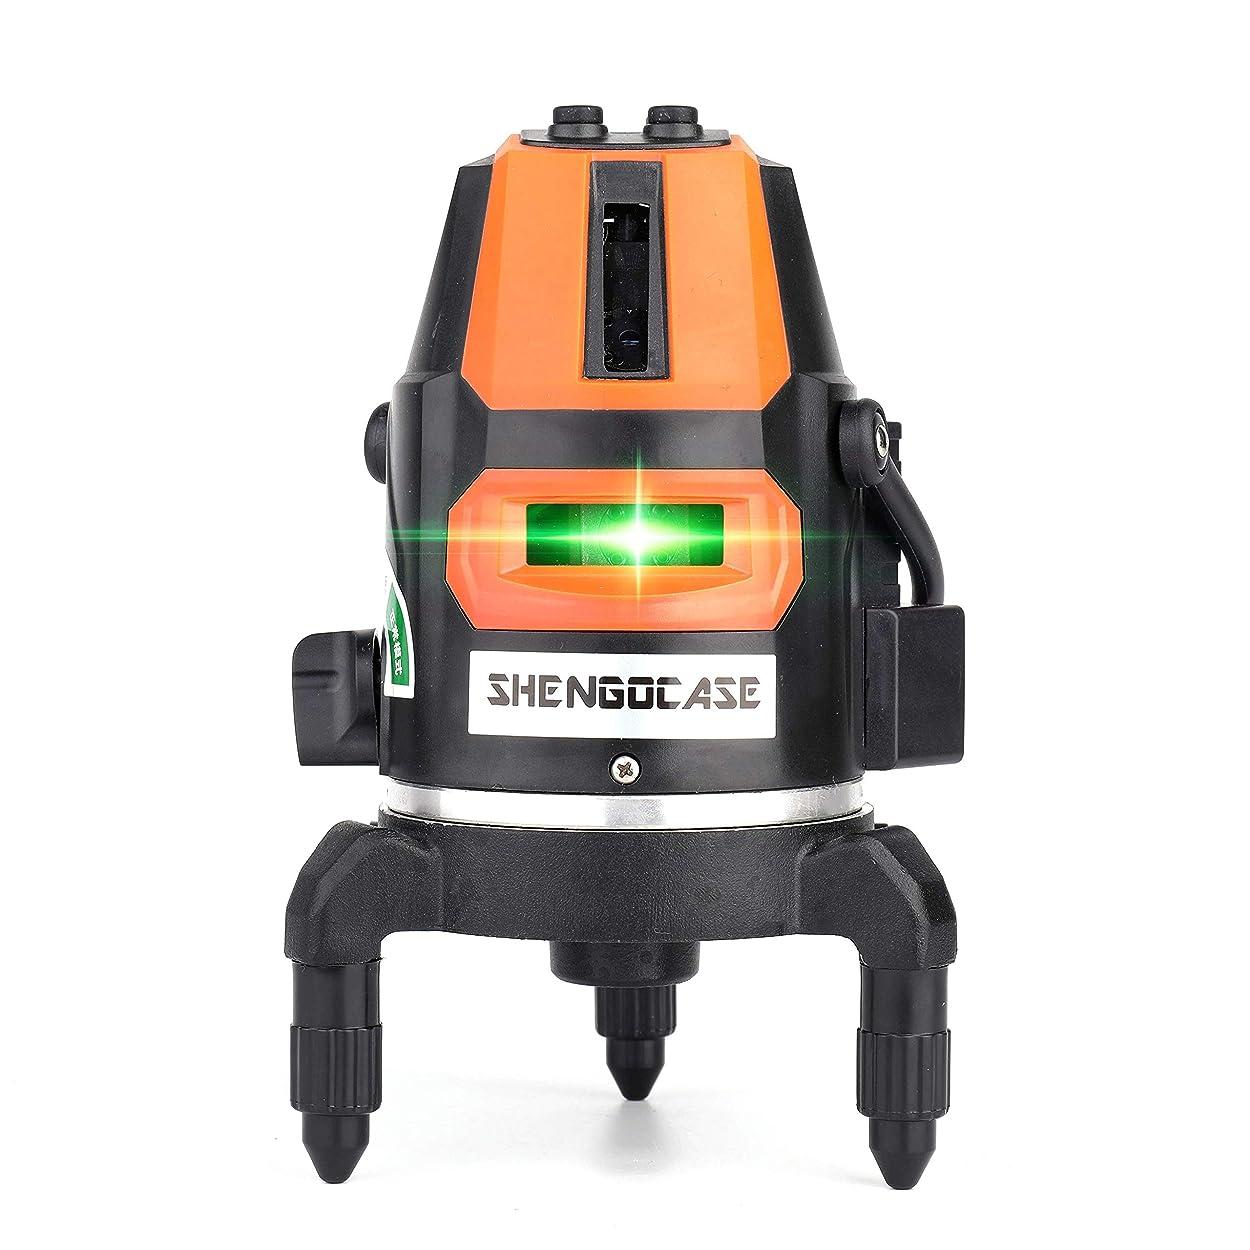 出口健康ビーズグリーンレーザー墨出し器 5ライン6ポイント回転レーザー線4方向大矩照射モデル 自動水平調整機能 高輝度 5ライン(4本垂線×1本水平線))